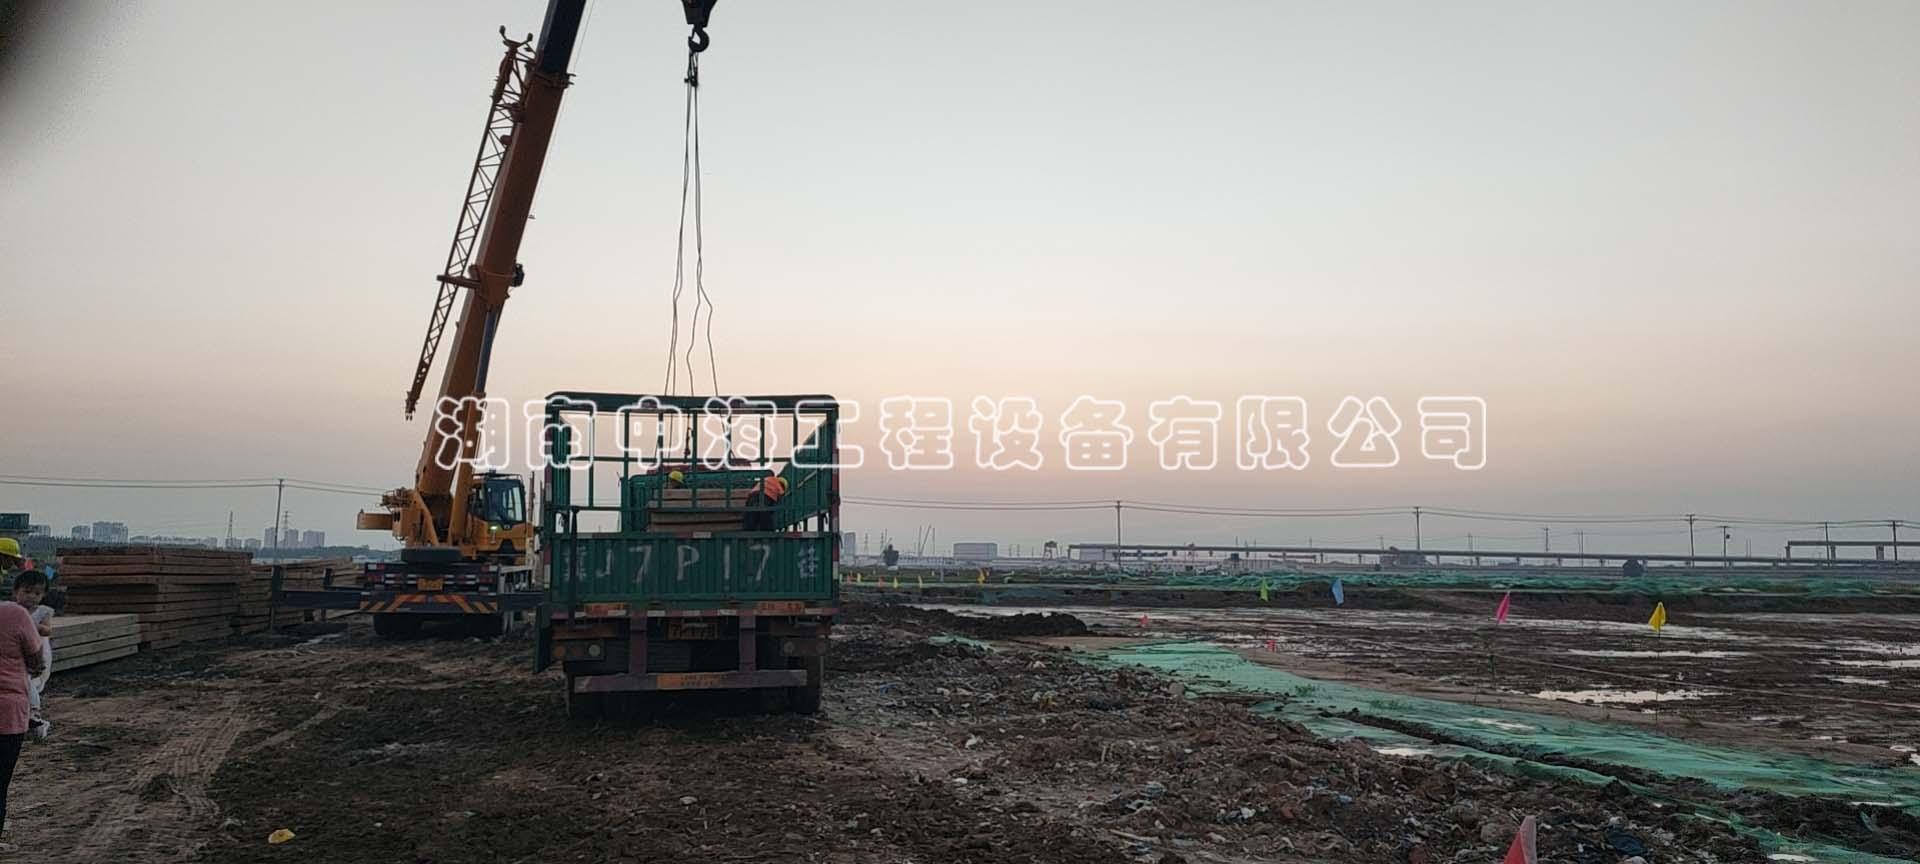 广东广州钢板路基箱租赁出租发往中建二局雄安工地